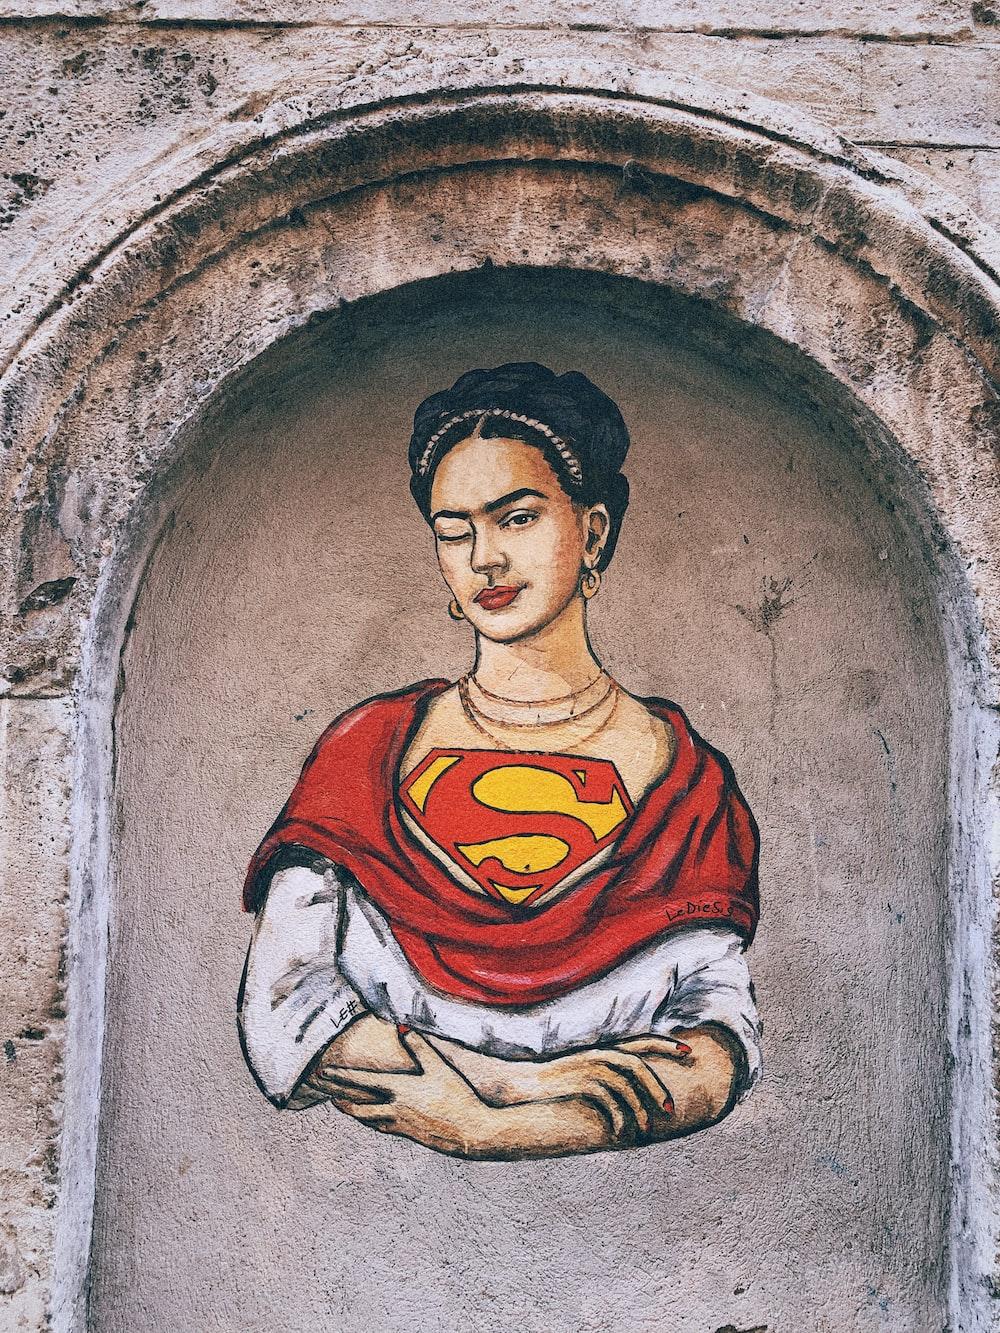 Frida Kahlo Supergirl mural